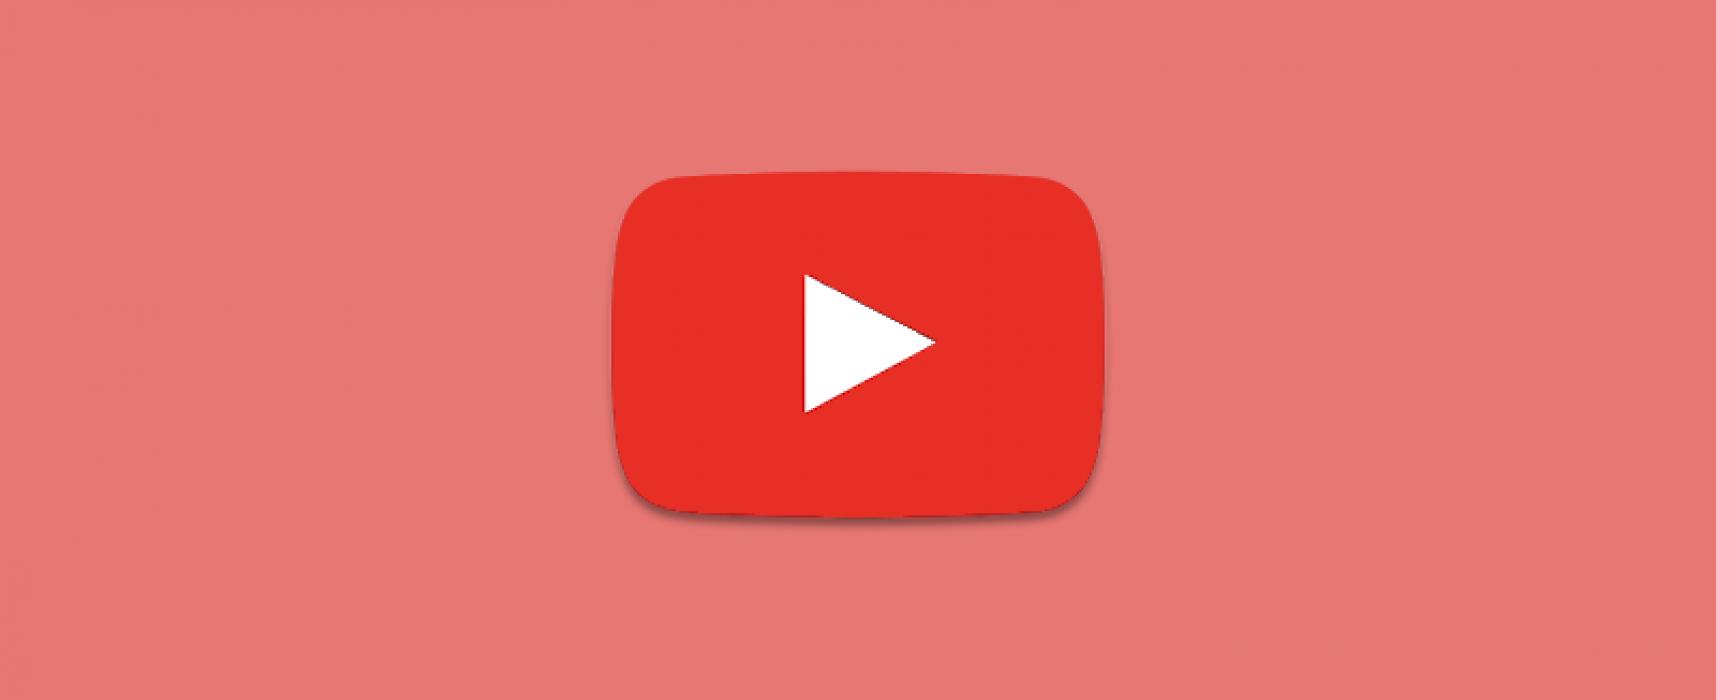 Просіваючи кадри: як знайти в інтернеті потрібний відеоролик